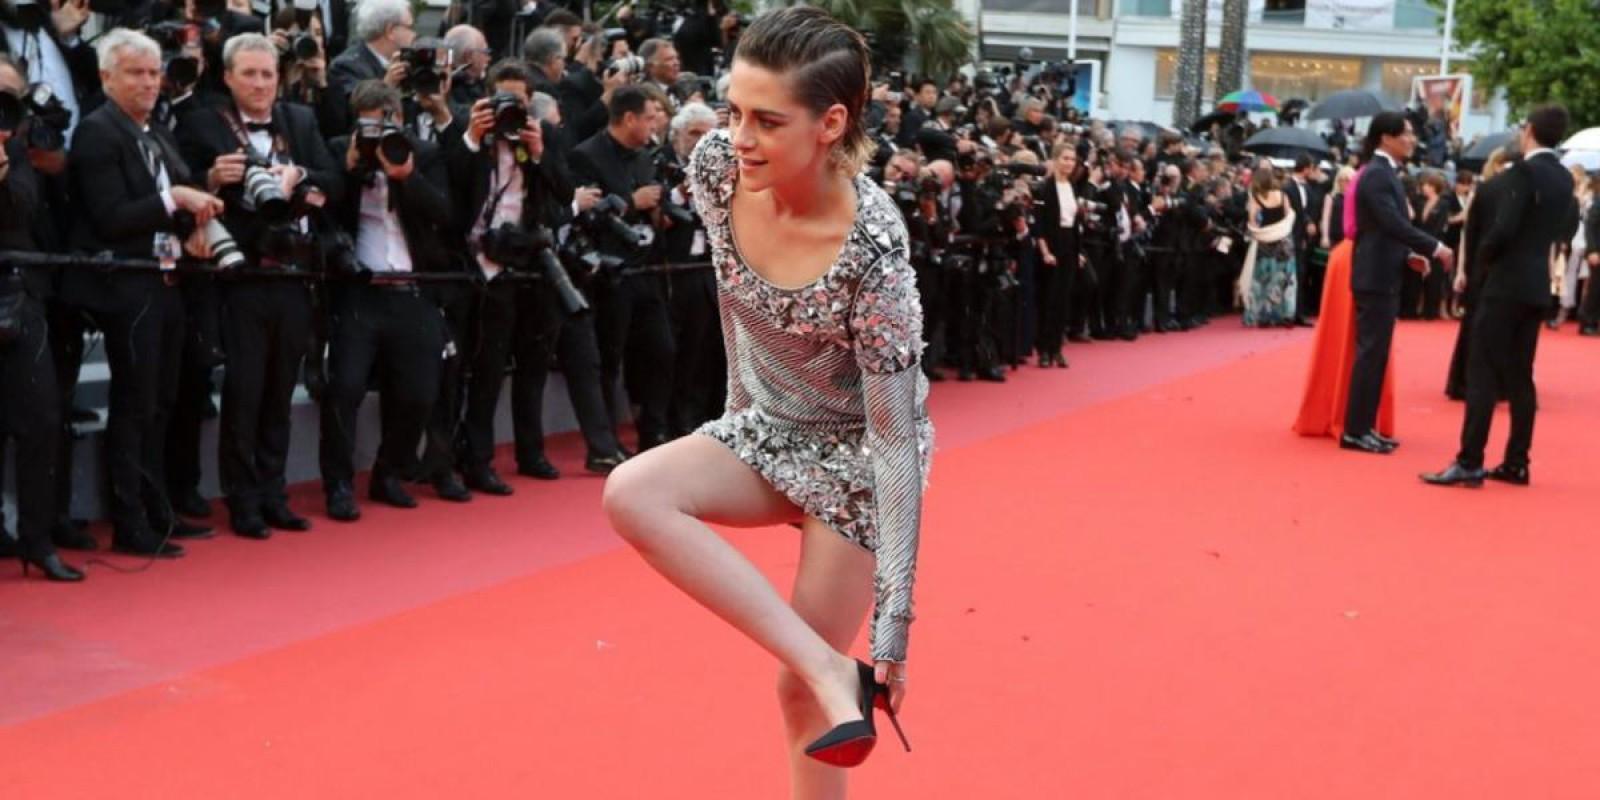 (video) Gestul făcut de actrița Kristen Stewart, pe covorul roșu de la Cannes. S-a descălțat în semn de protest